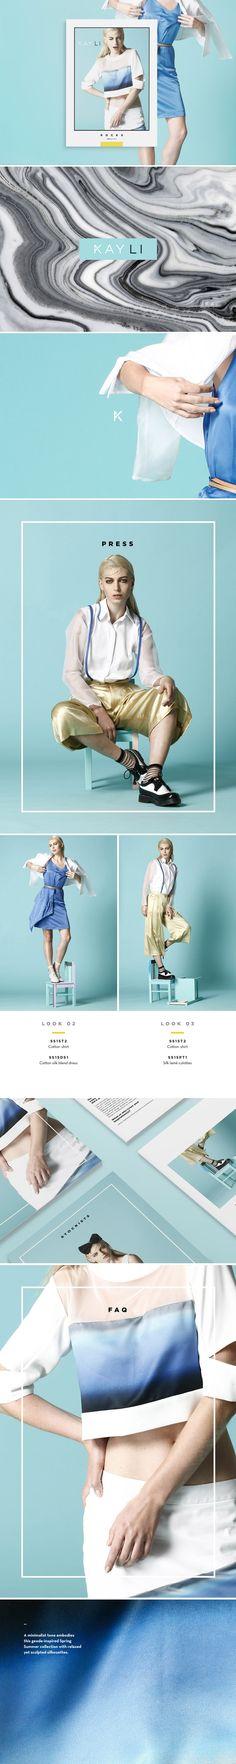 Fashion media kit para indumentaria